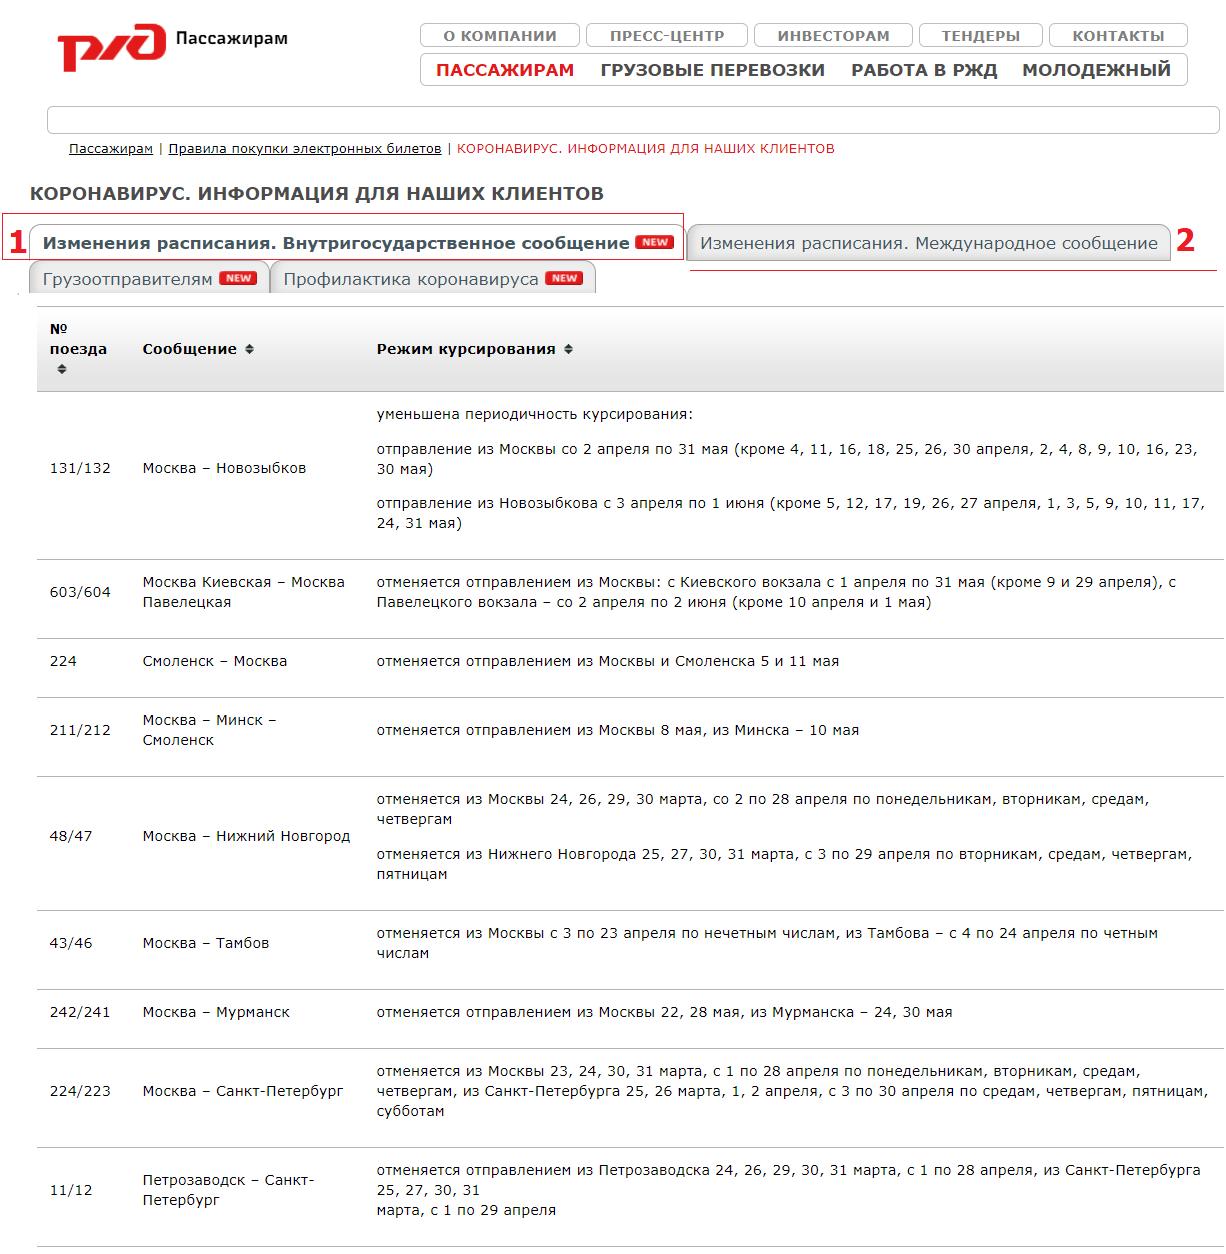 коронавирус изменения в расписании РЖД